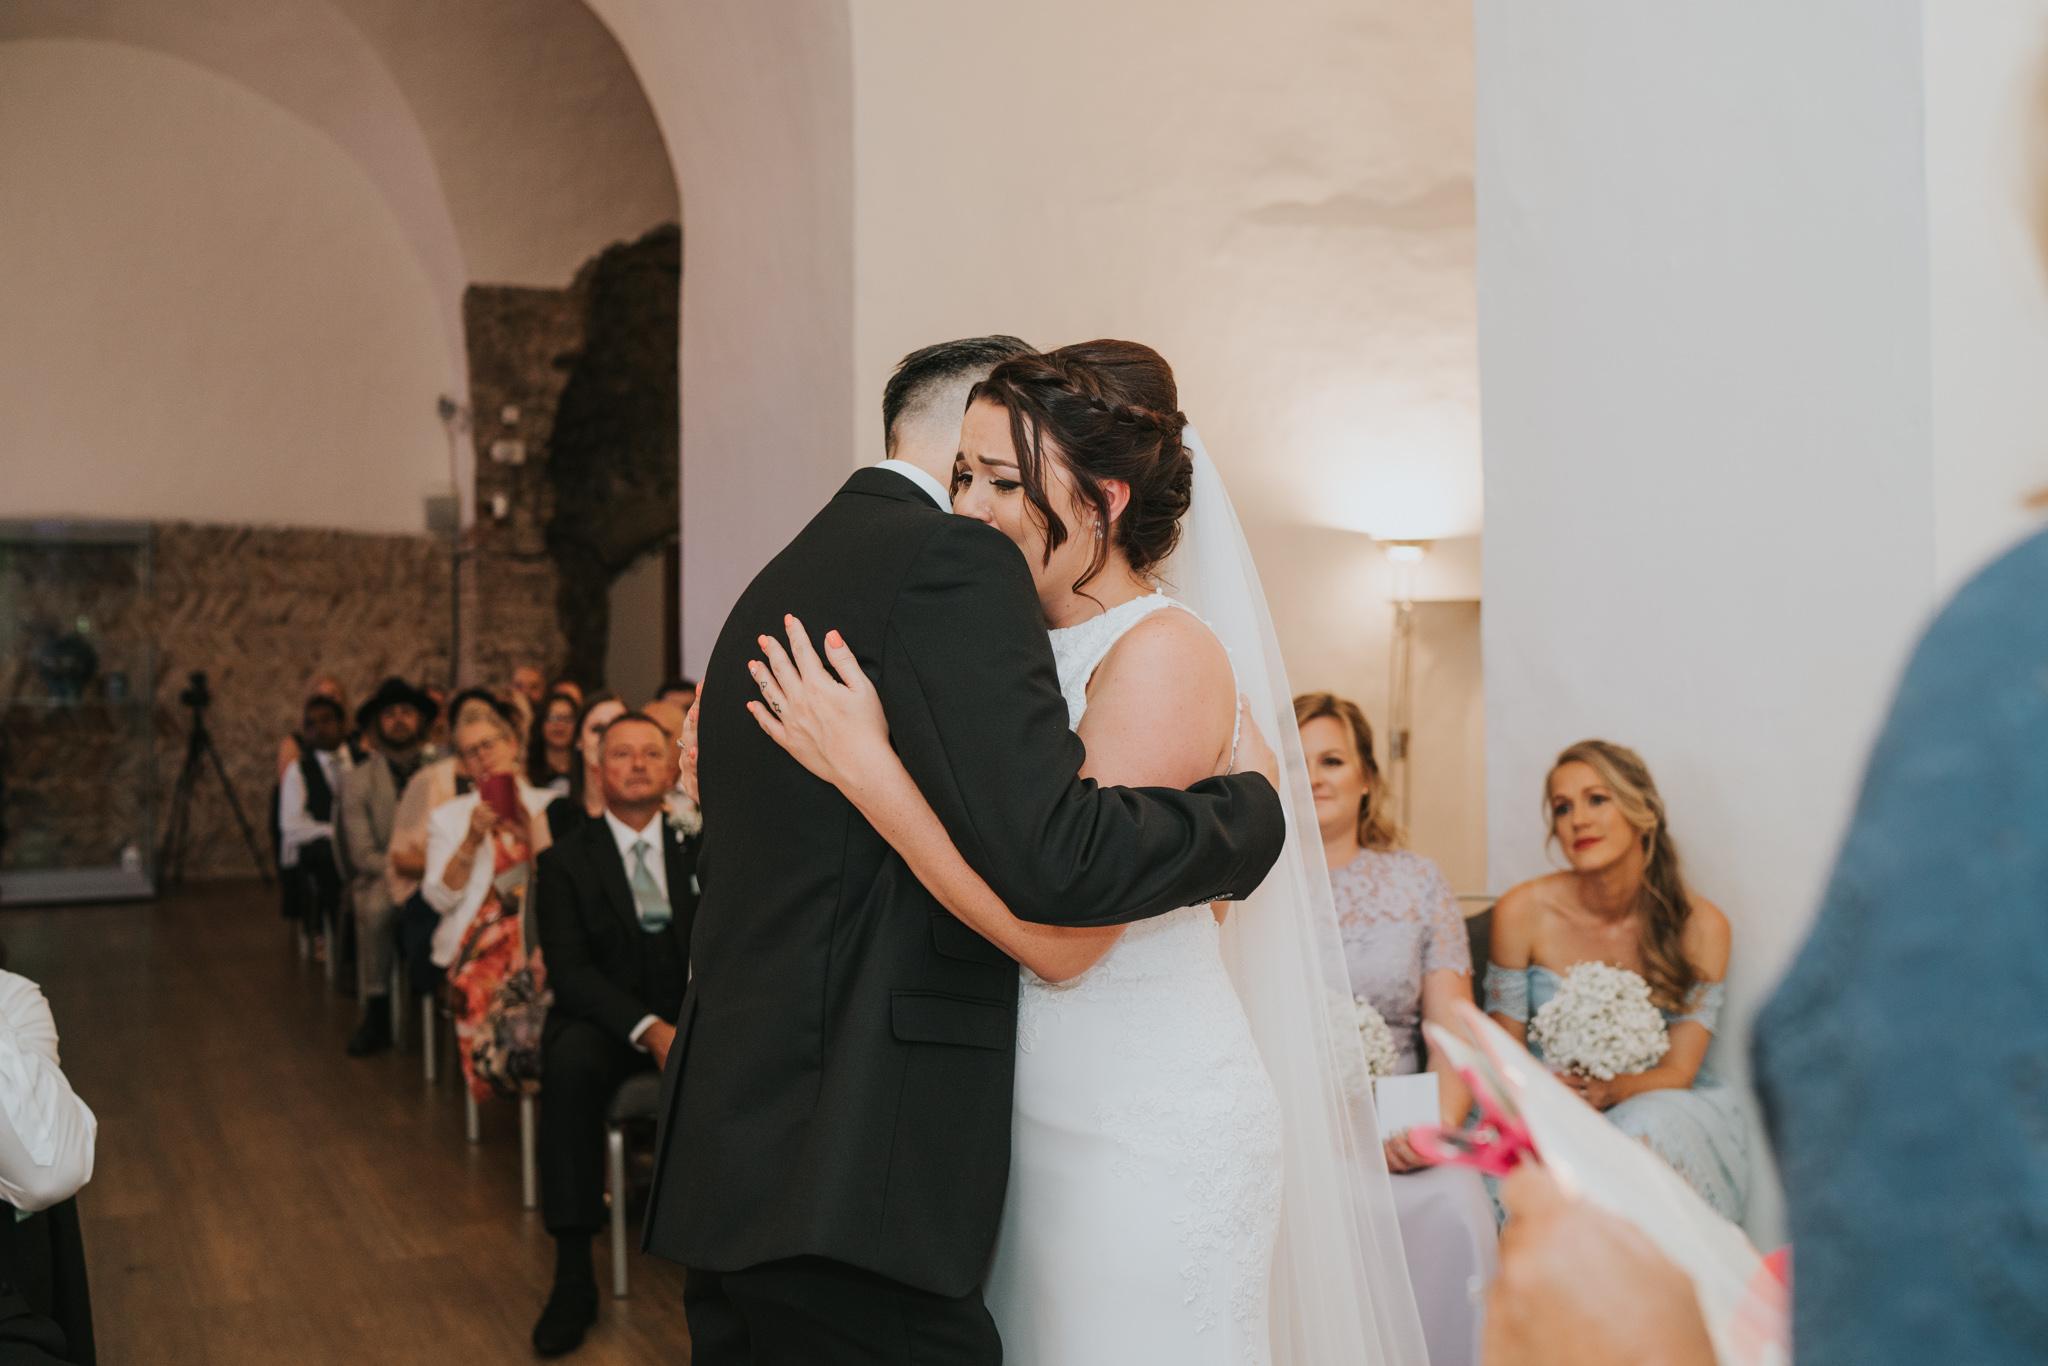 Joe-Tiffany-Colchester-Castle-Wedding-Essex-Grace-Elizabeth-Colchester-Essex-Alternative-Wedding-Photographer-Suffolk-Norfolk-Devon (56 of 122).jpg